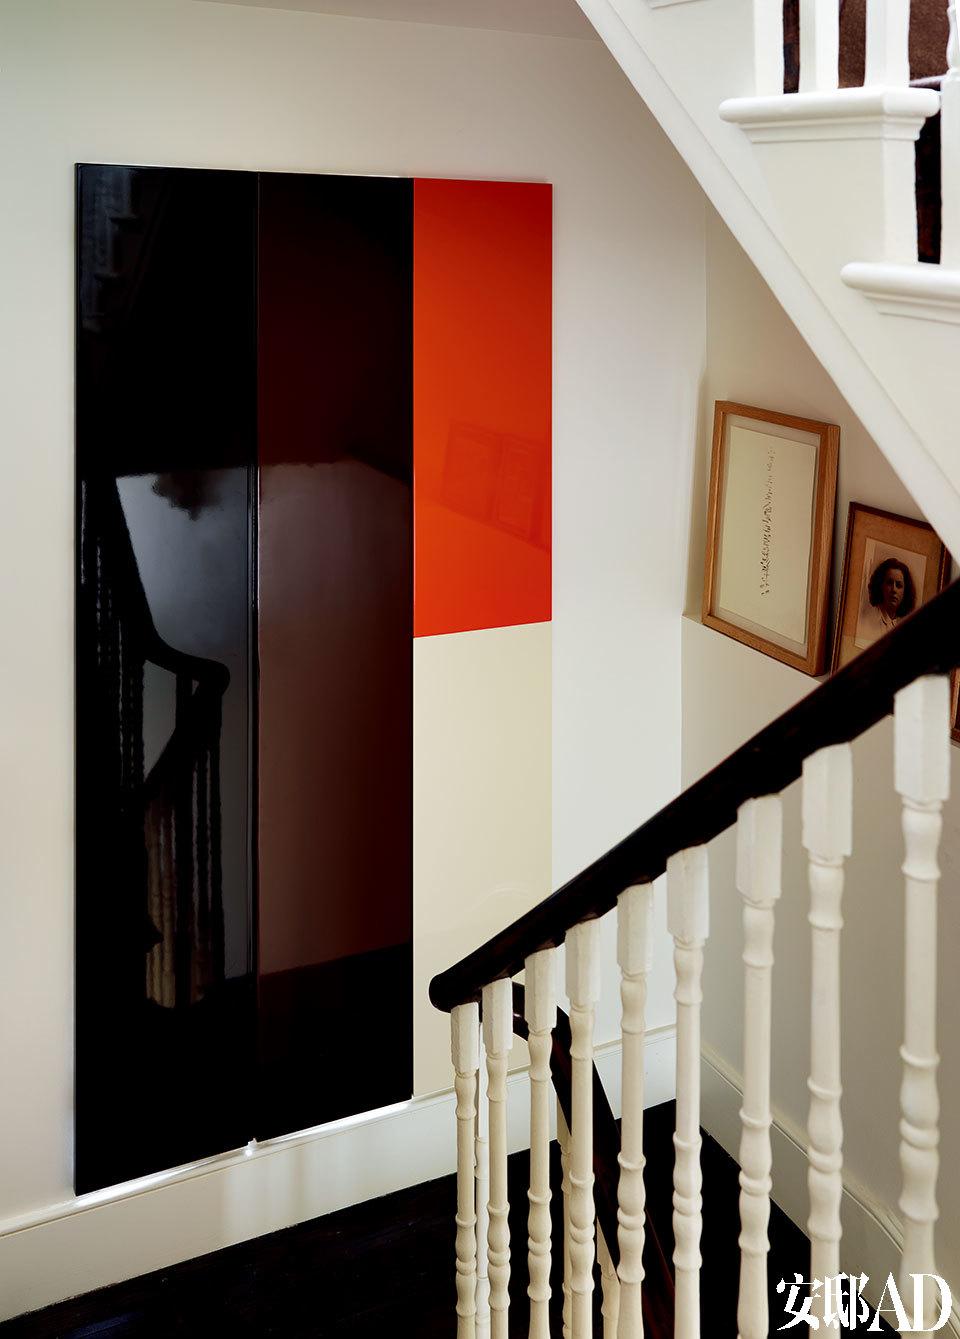 """一、 二楼之间的楼梯拐角处,一张四色的喷漆""""艺术品""""看似四平八稳地挂在墙上,其实竟是一道门,掩藏了一套阳光灿烂的蒸气室和淋浴间!在楼梯拐角处,墙上悬挂的喷漆艺术品其实也是一道门,打开便是淋浴及蒸气室。"""